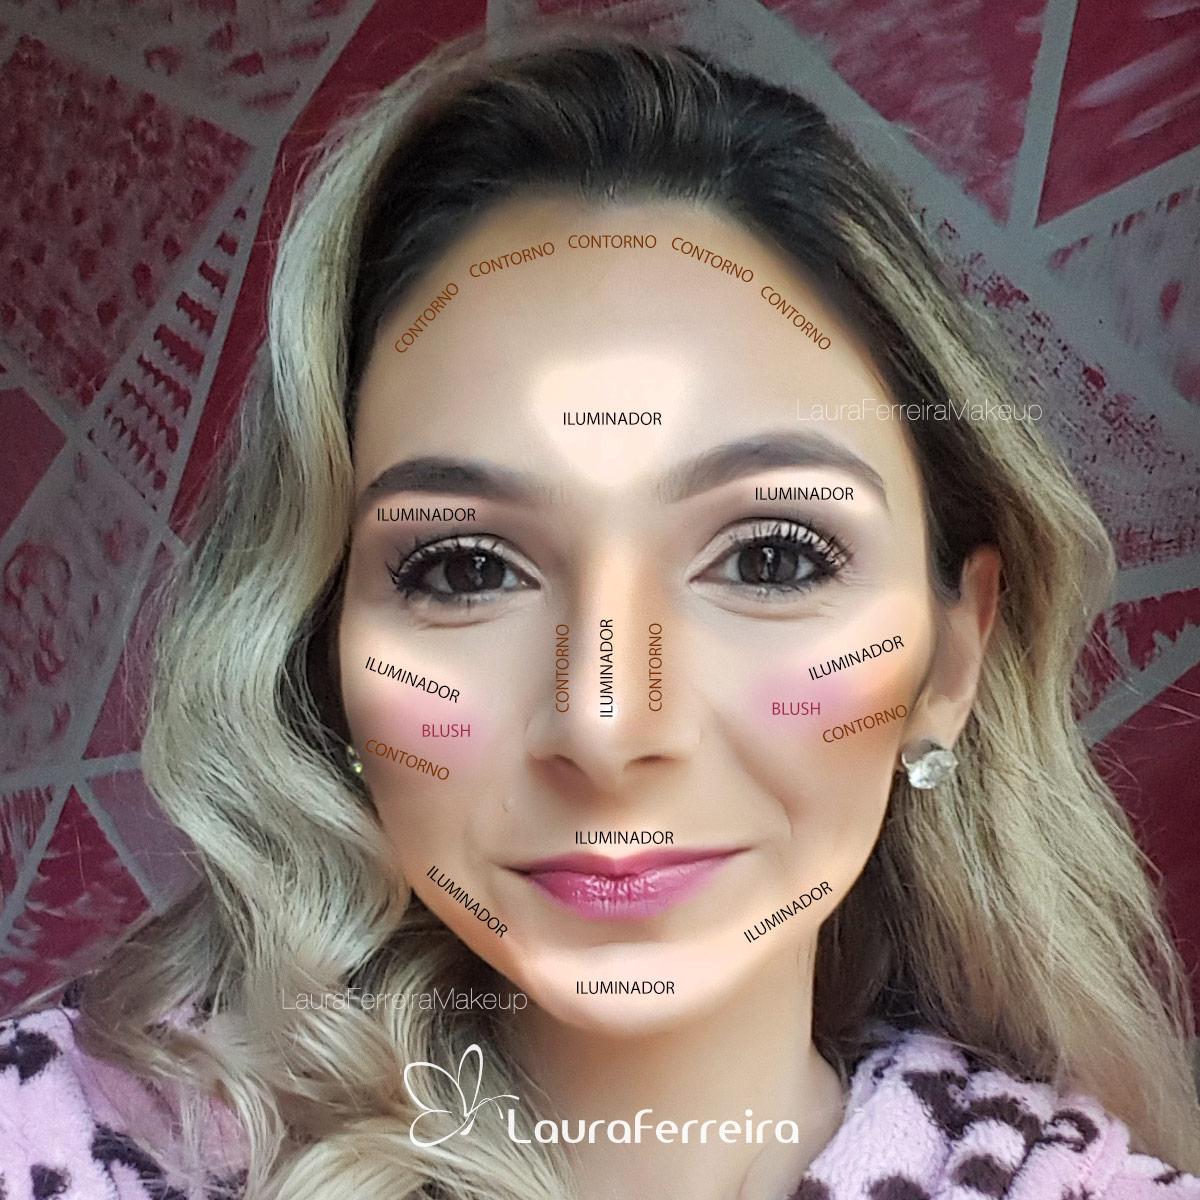 Dica de Maquiagem para aplicar o iluminador